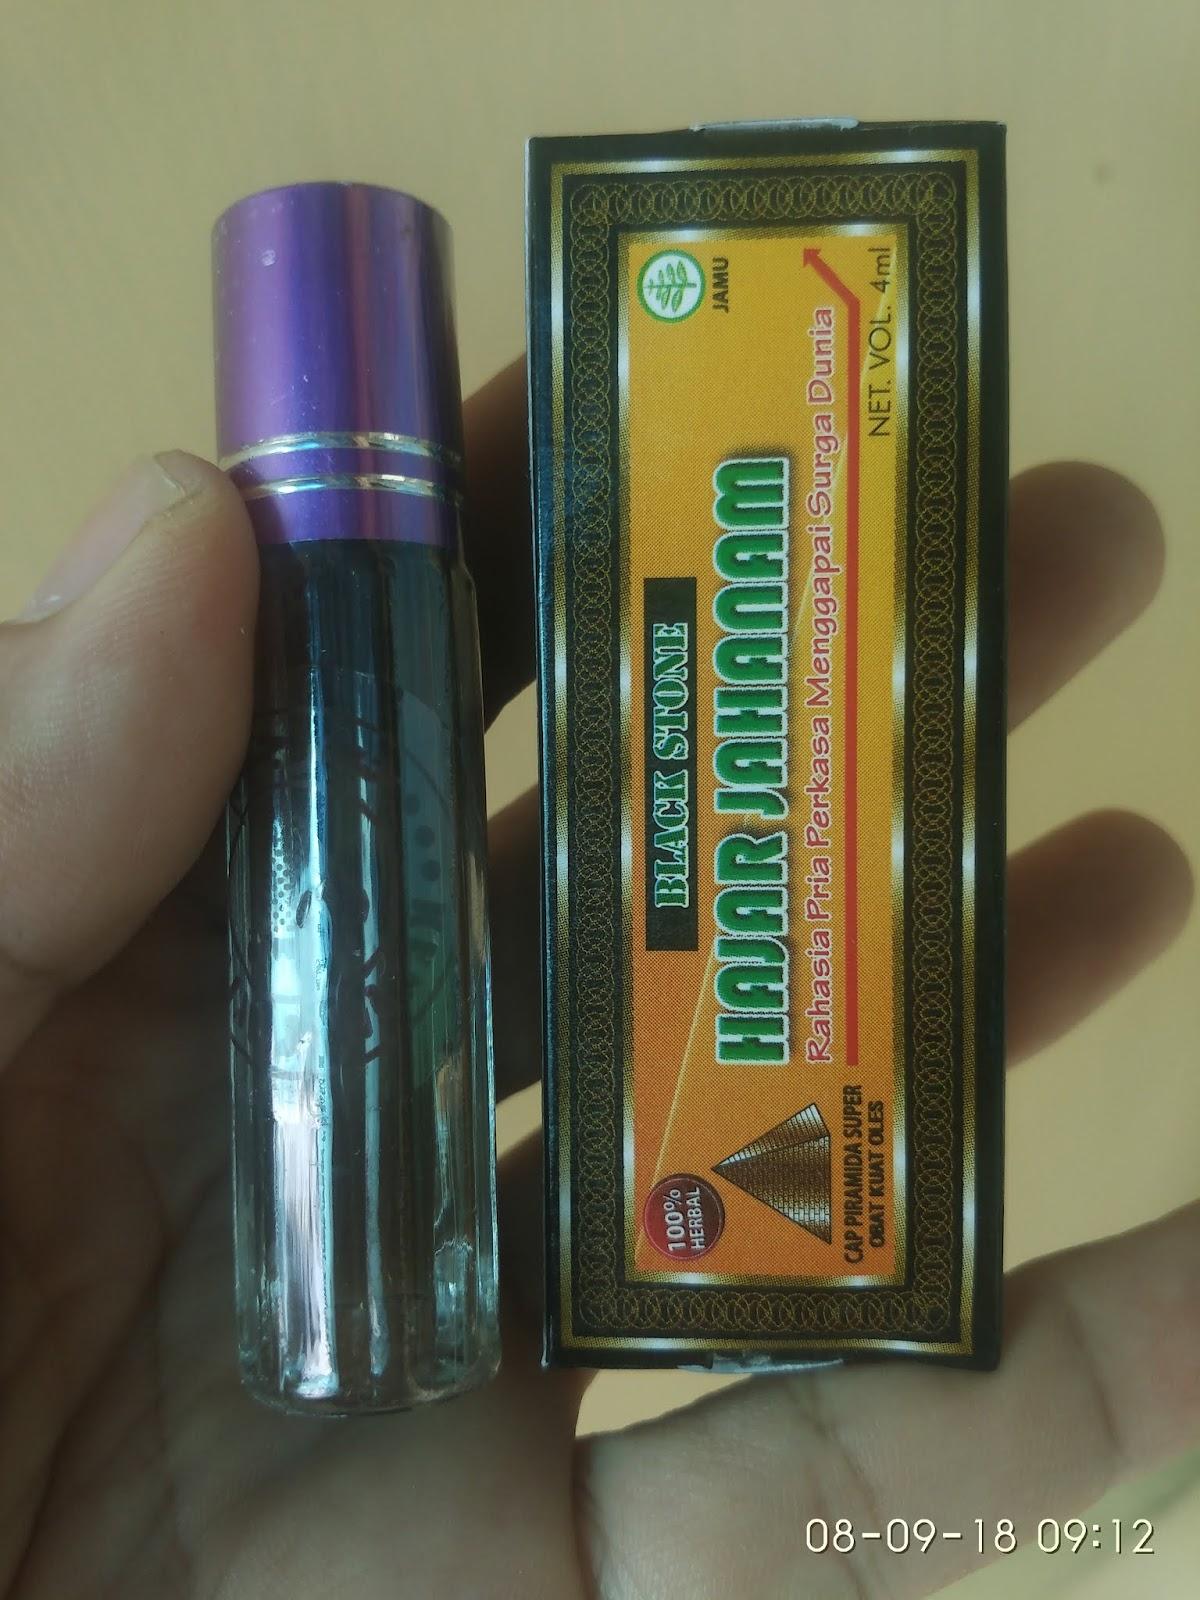 Stamina Lelaki Obat Herbal Kuat Minyak Belut Daftar Harga Hajar Jahanam Mesir 4ml Original Cap Kuda Arab Plus Brosur Pria Perkasa